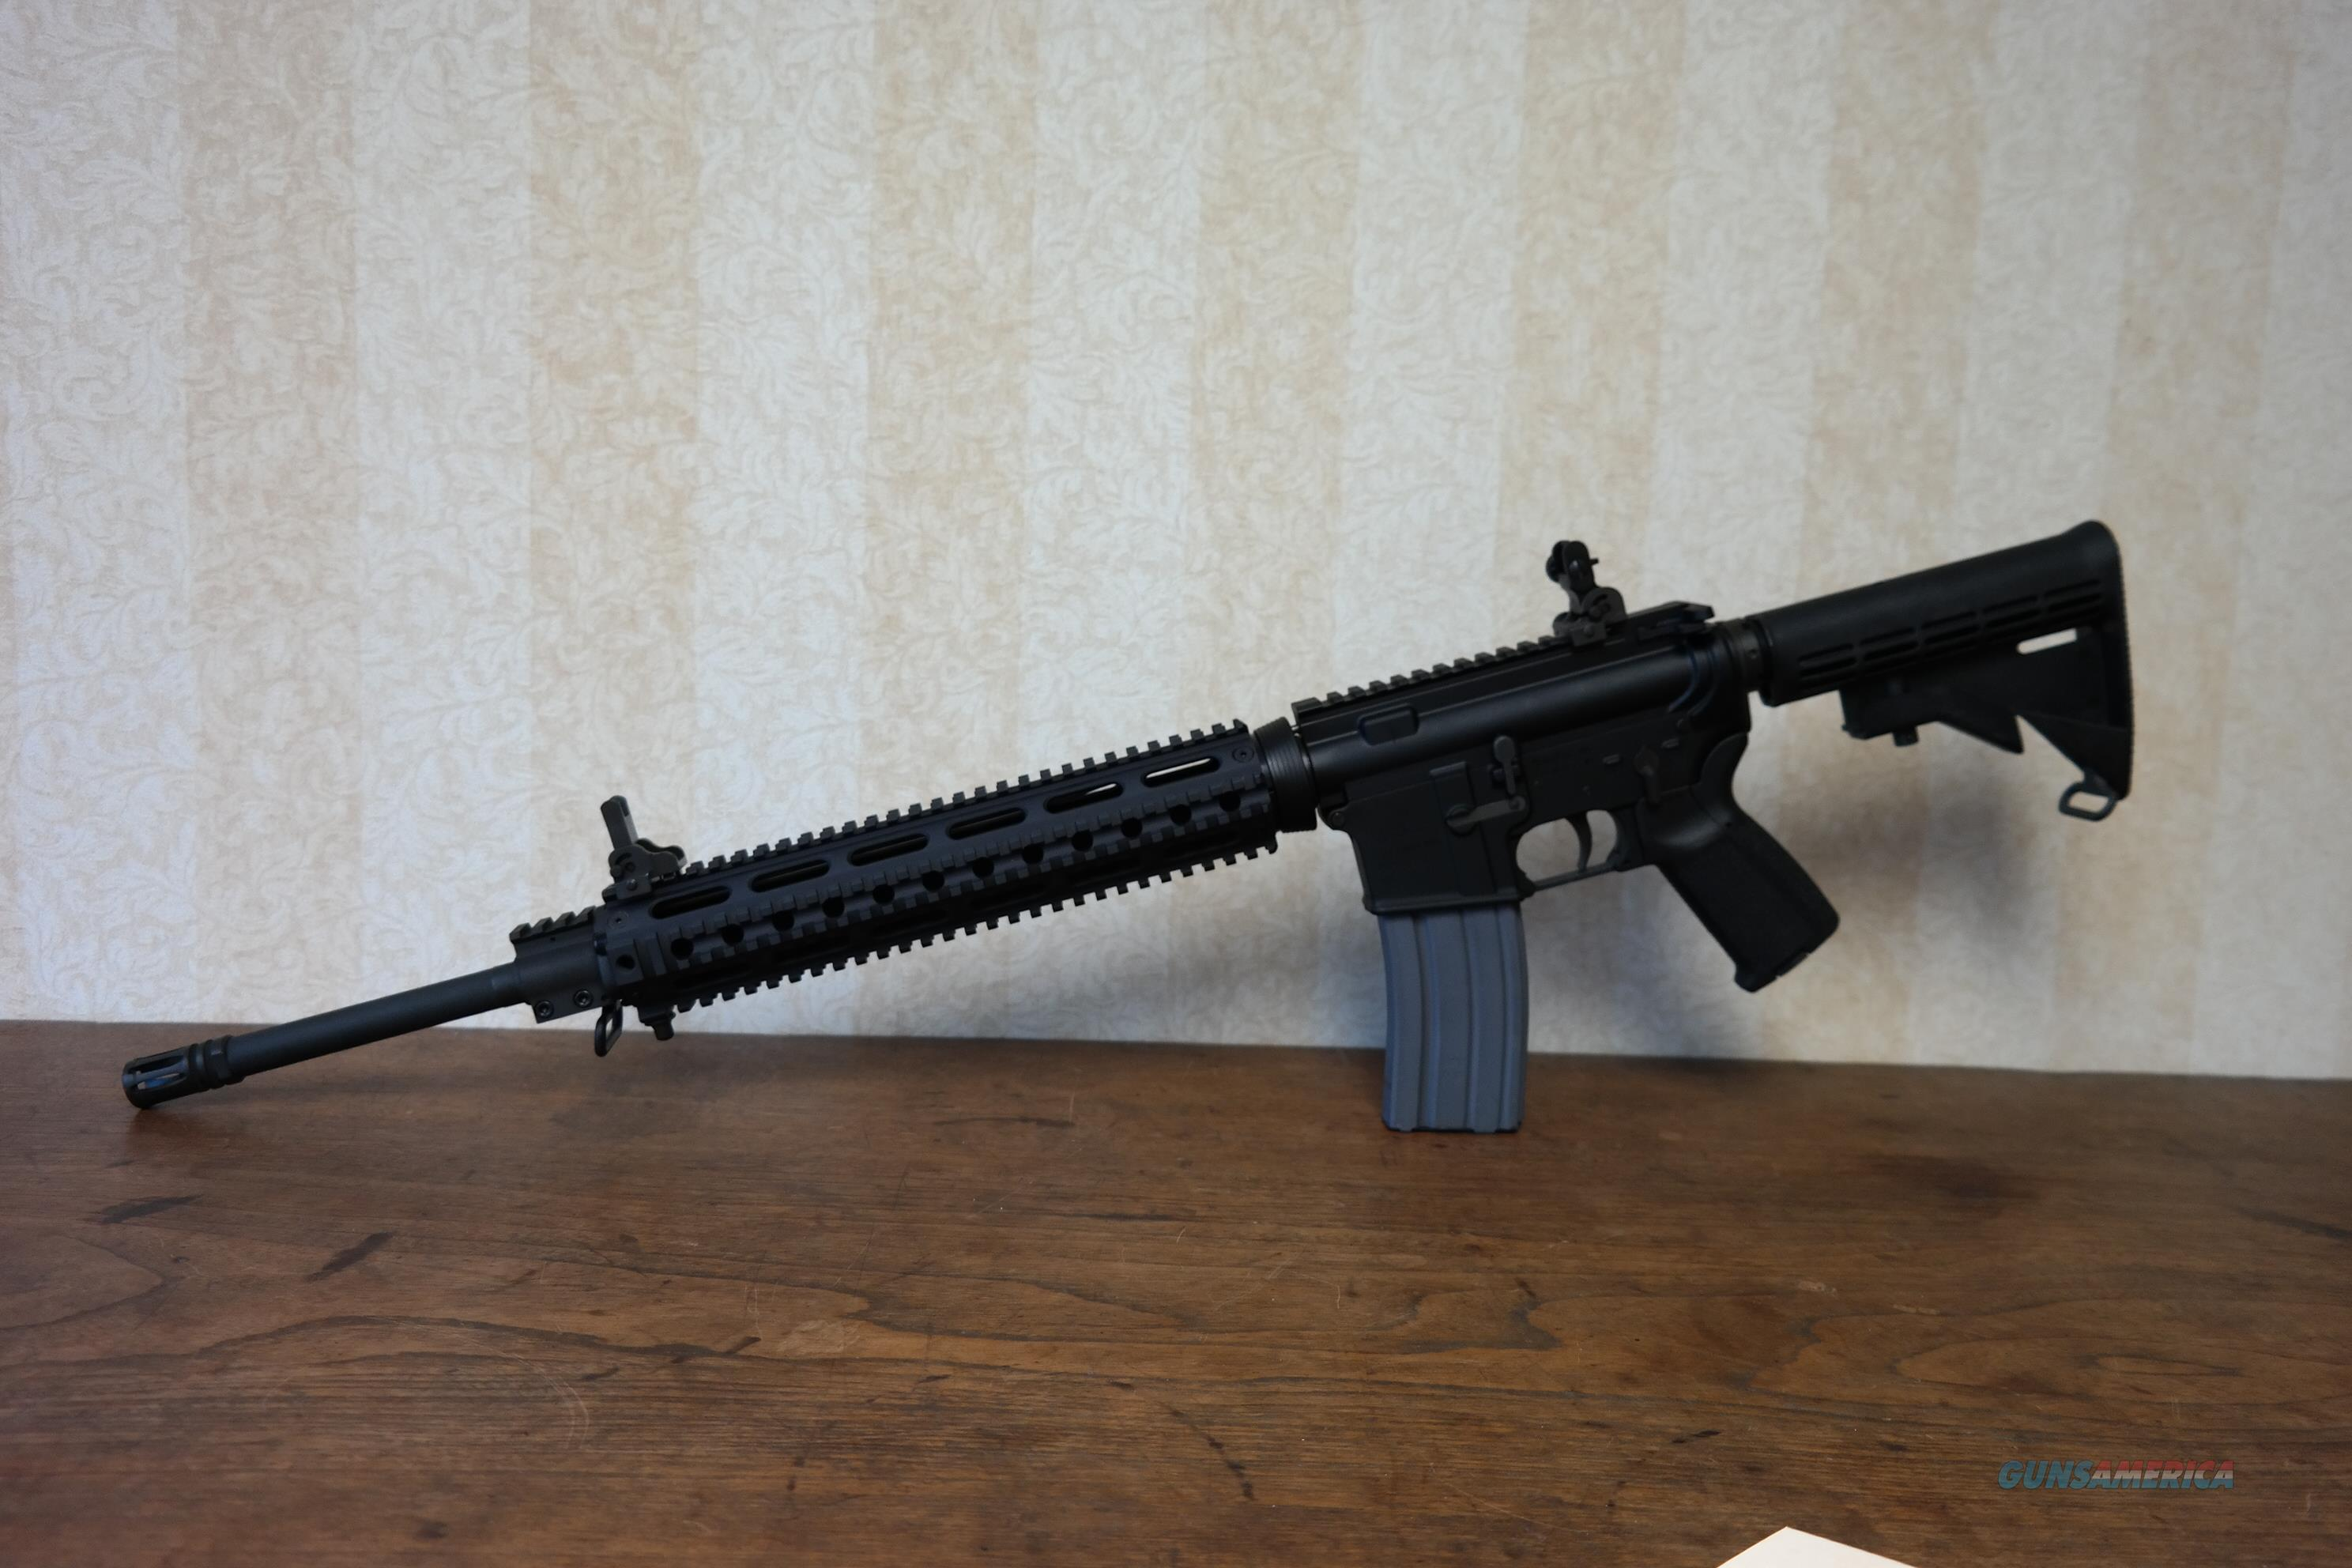 Armalite M15  Guns > Rifles > Armalite Rifles > Complete Rifles